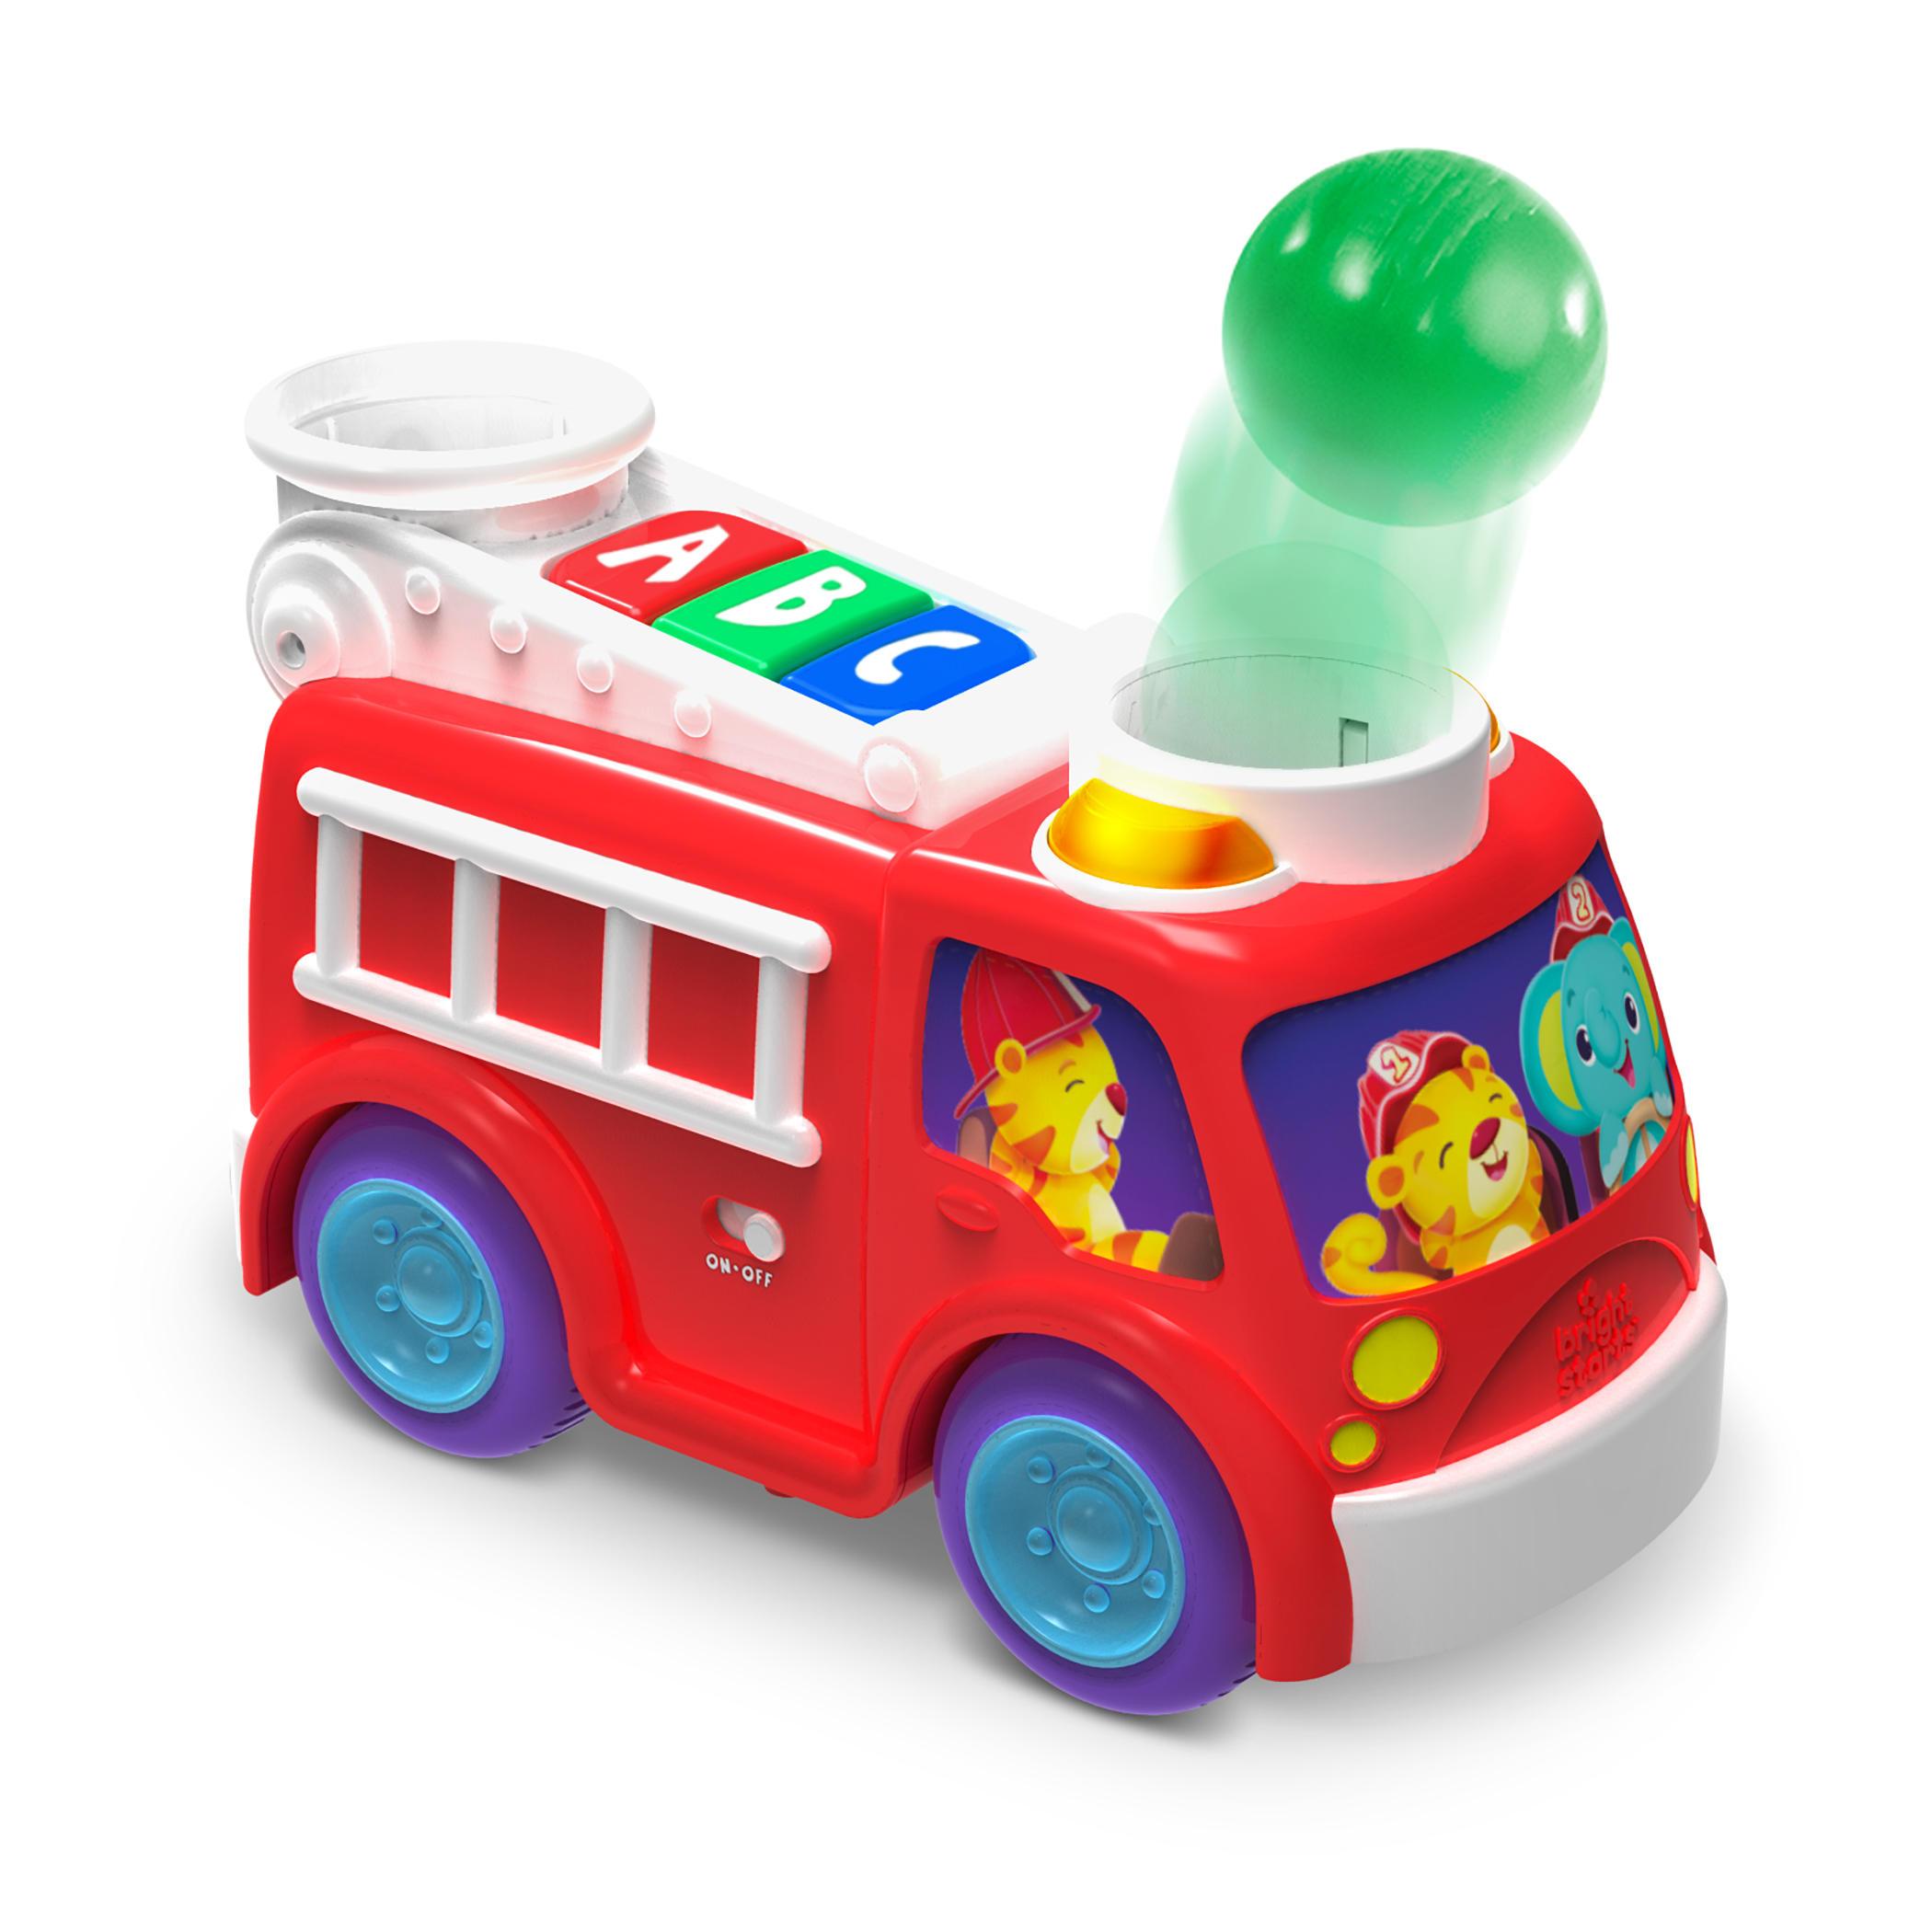 Roll & Pop Fire Truck™ Toy